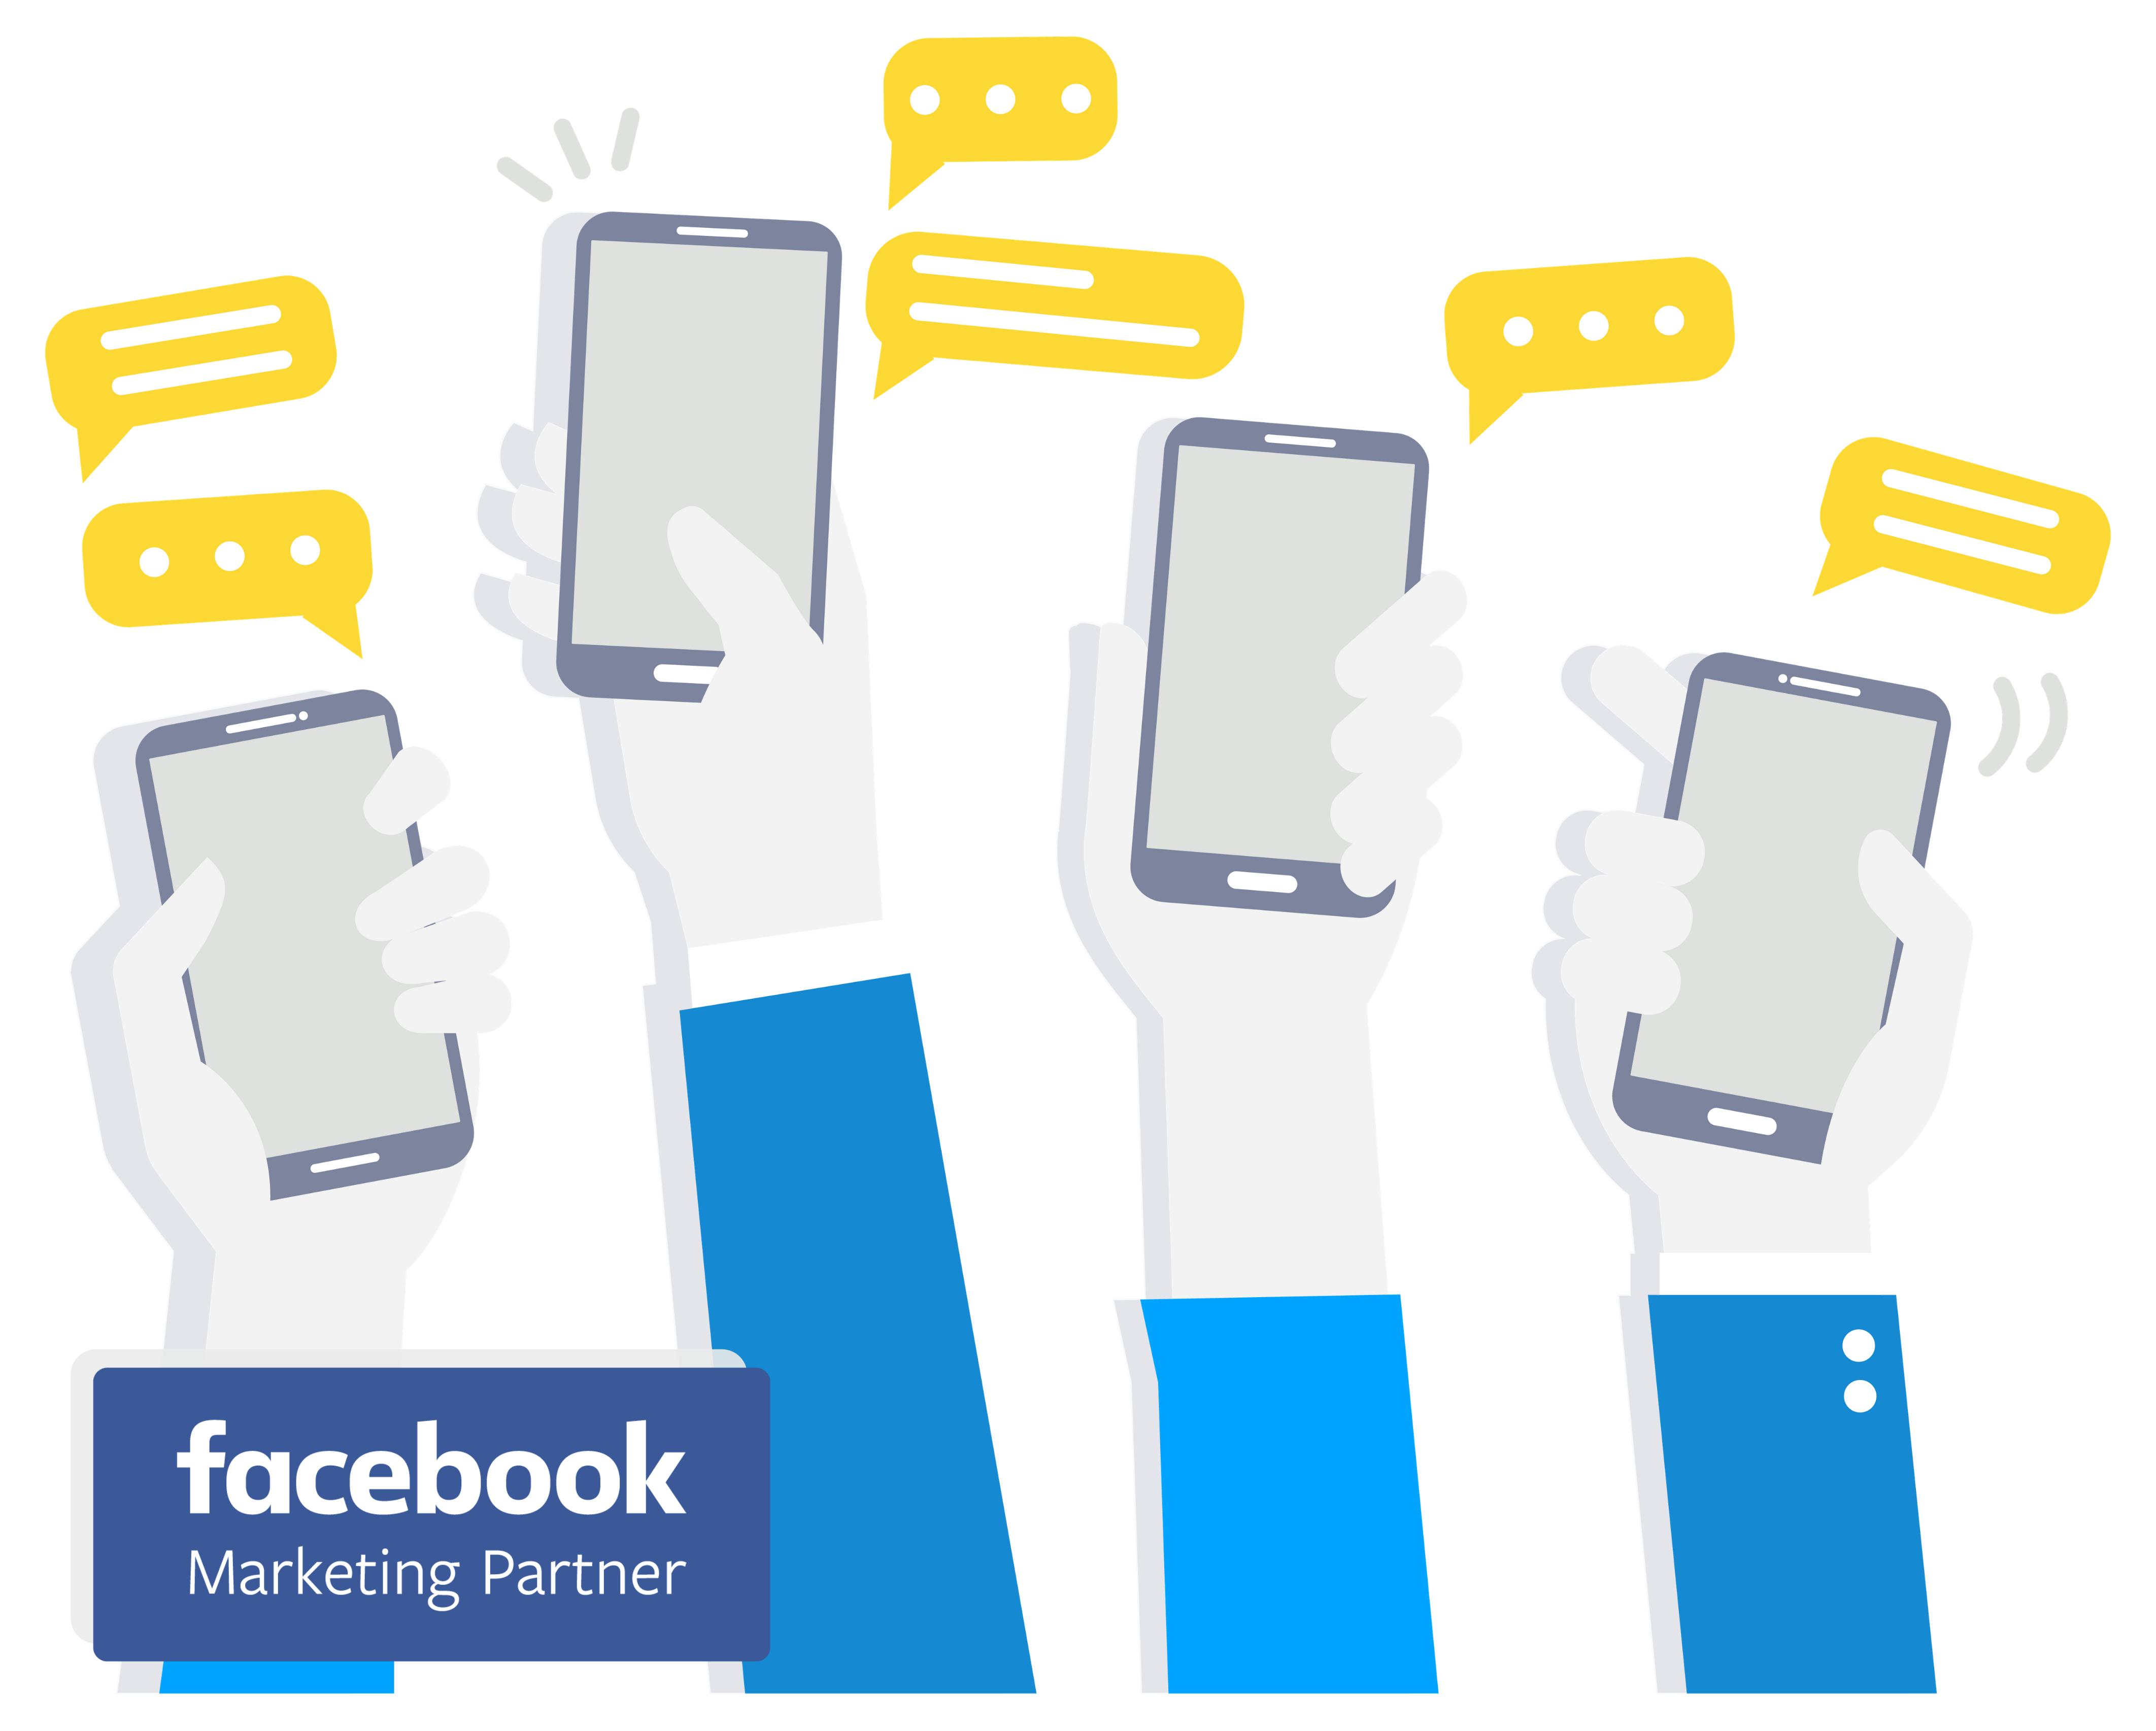 facebook marketing partner png